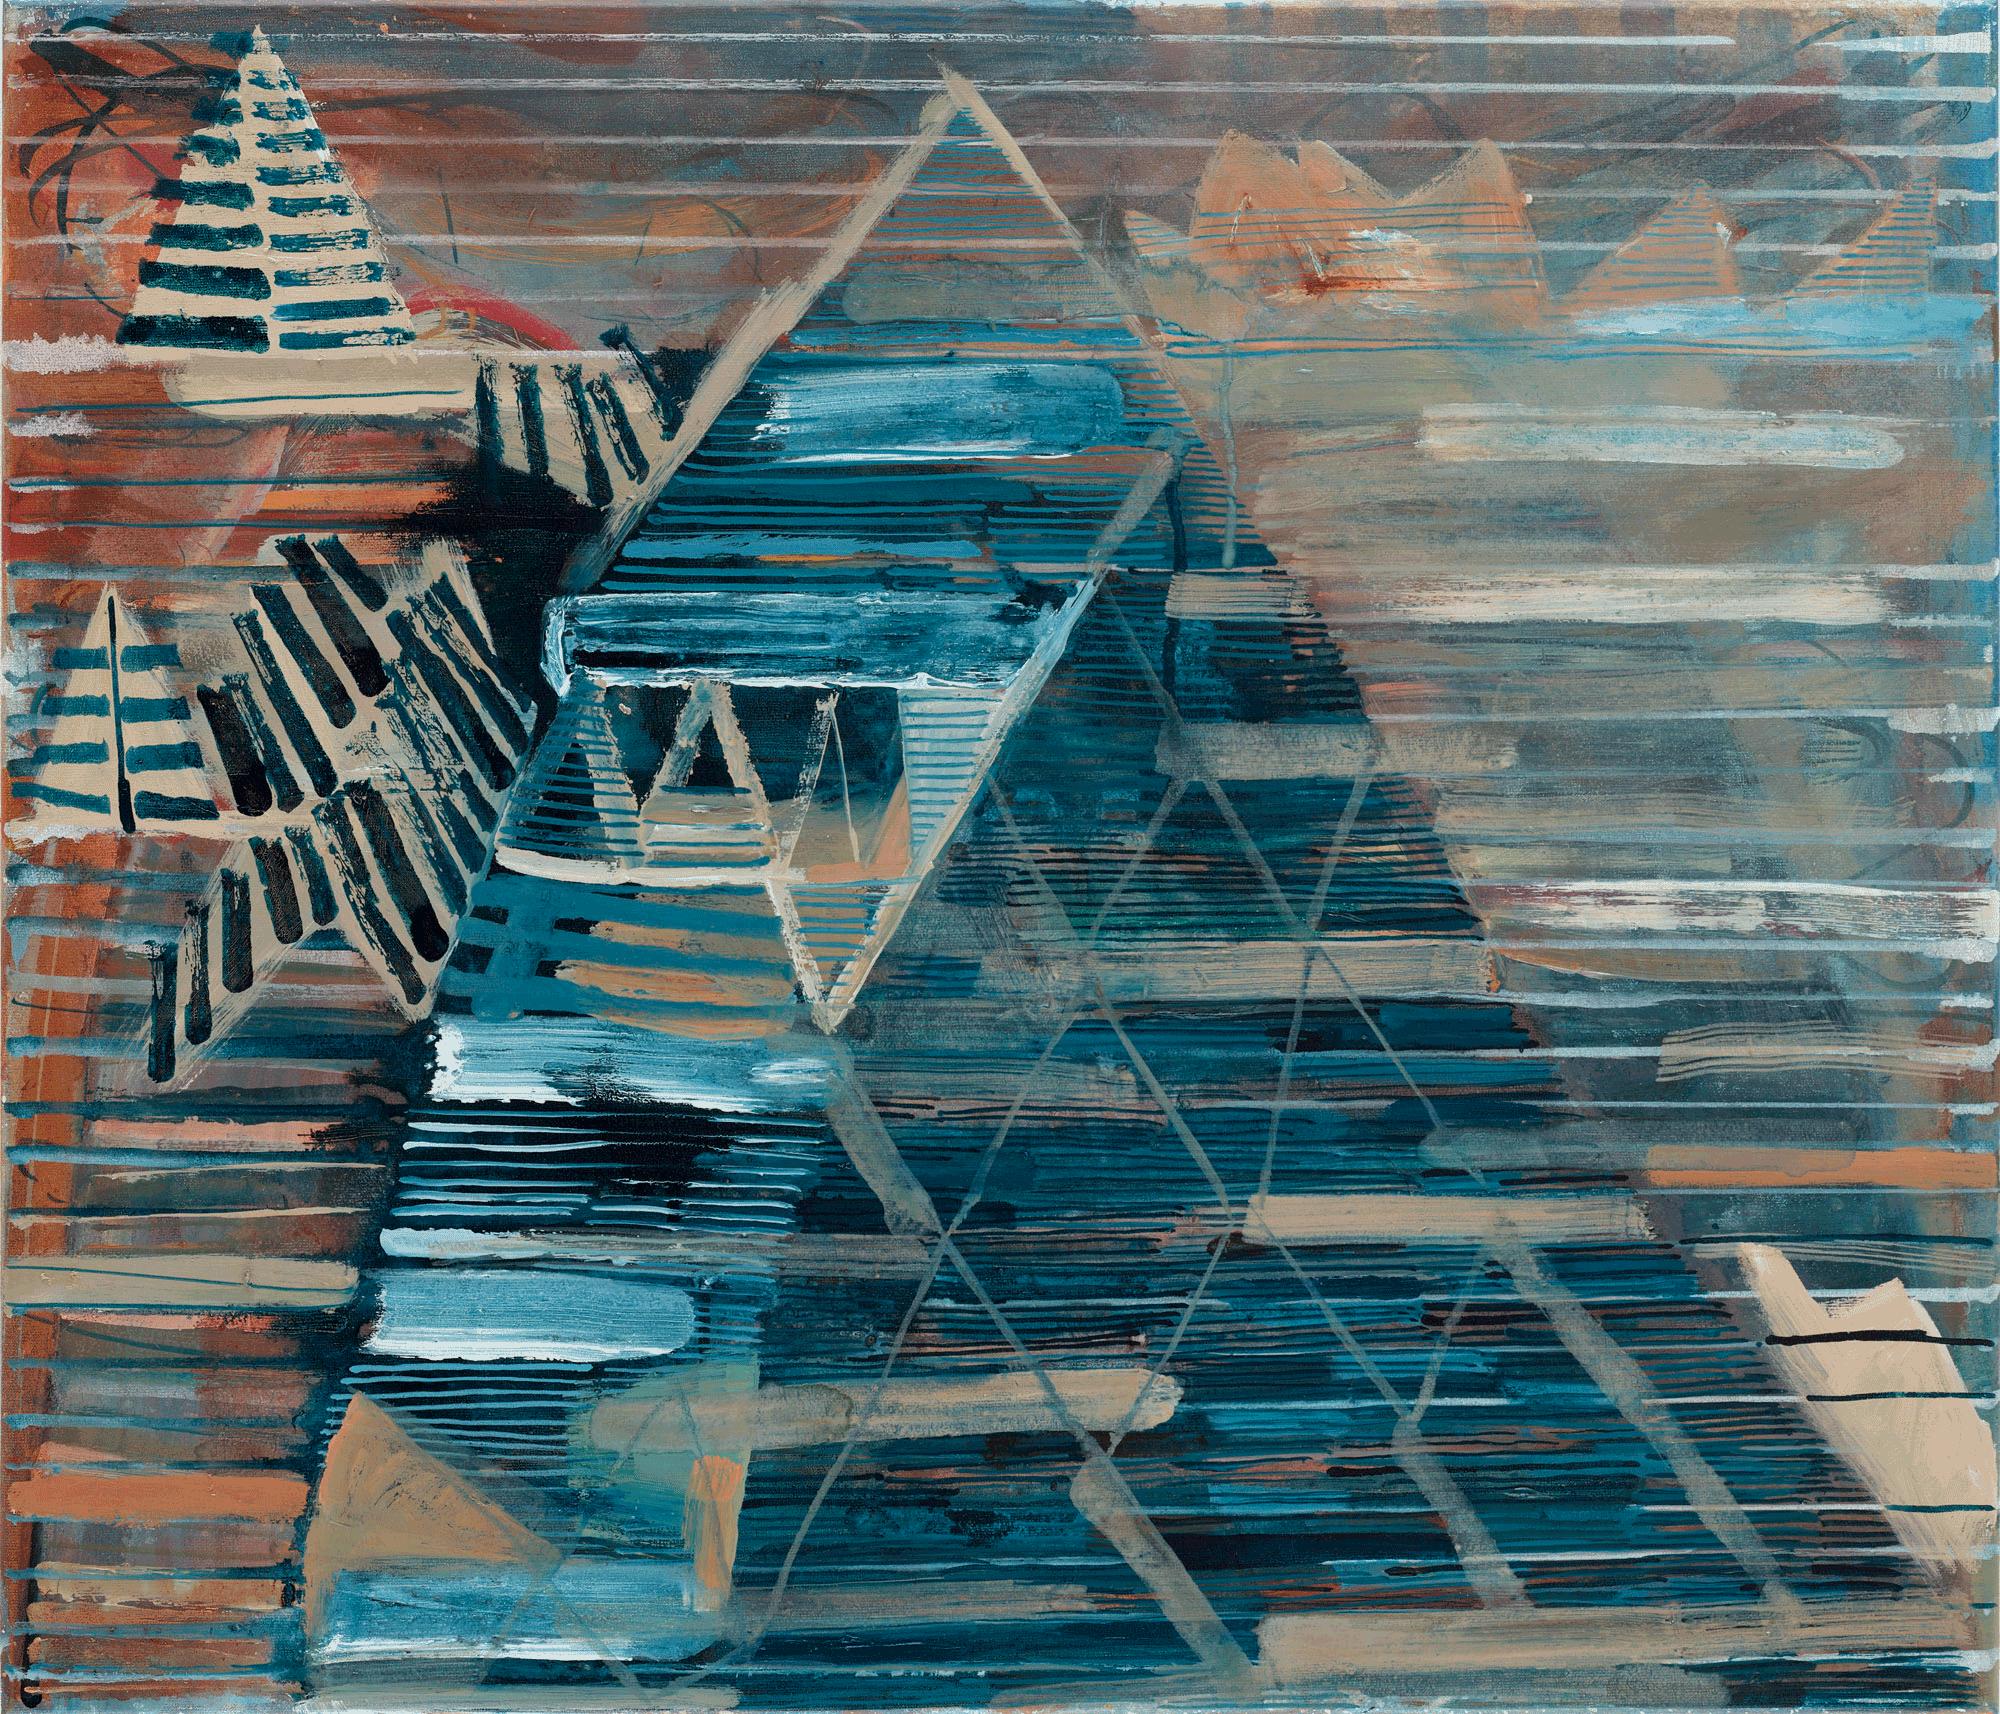 Yvonne Andreini, Landschaft, 2021, 60 x 70 cm, Tusche und Öl auf Leinwand